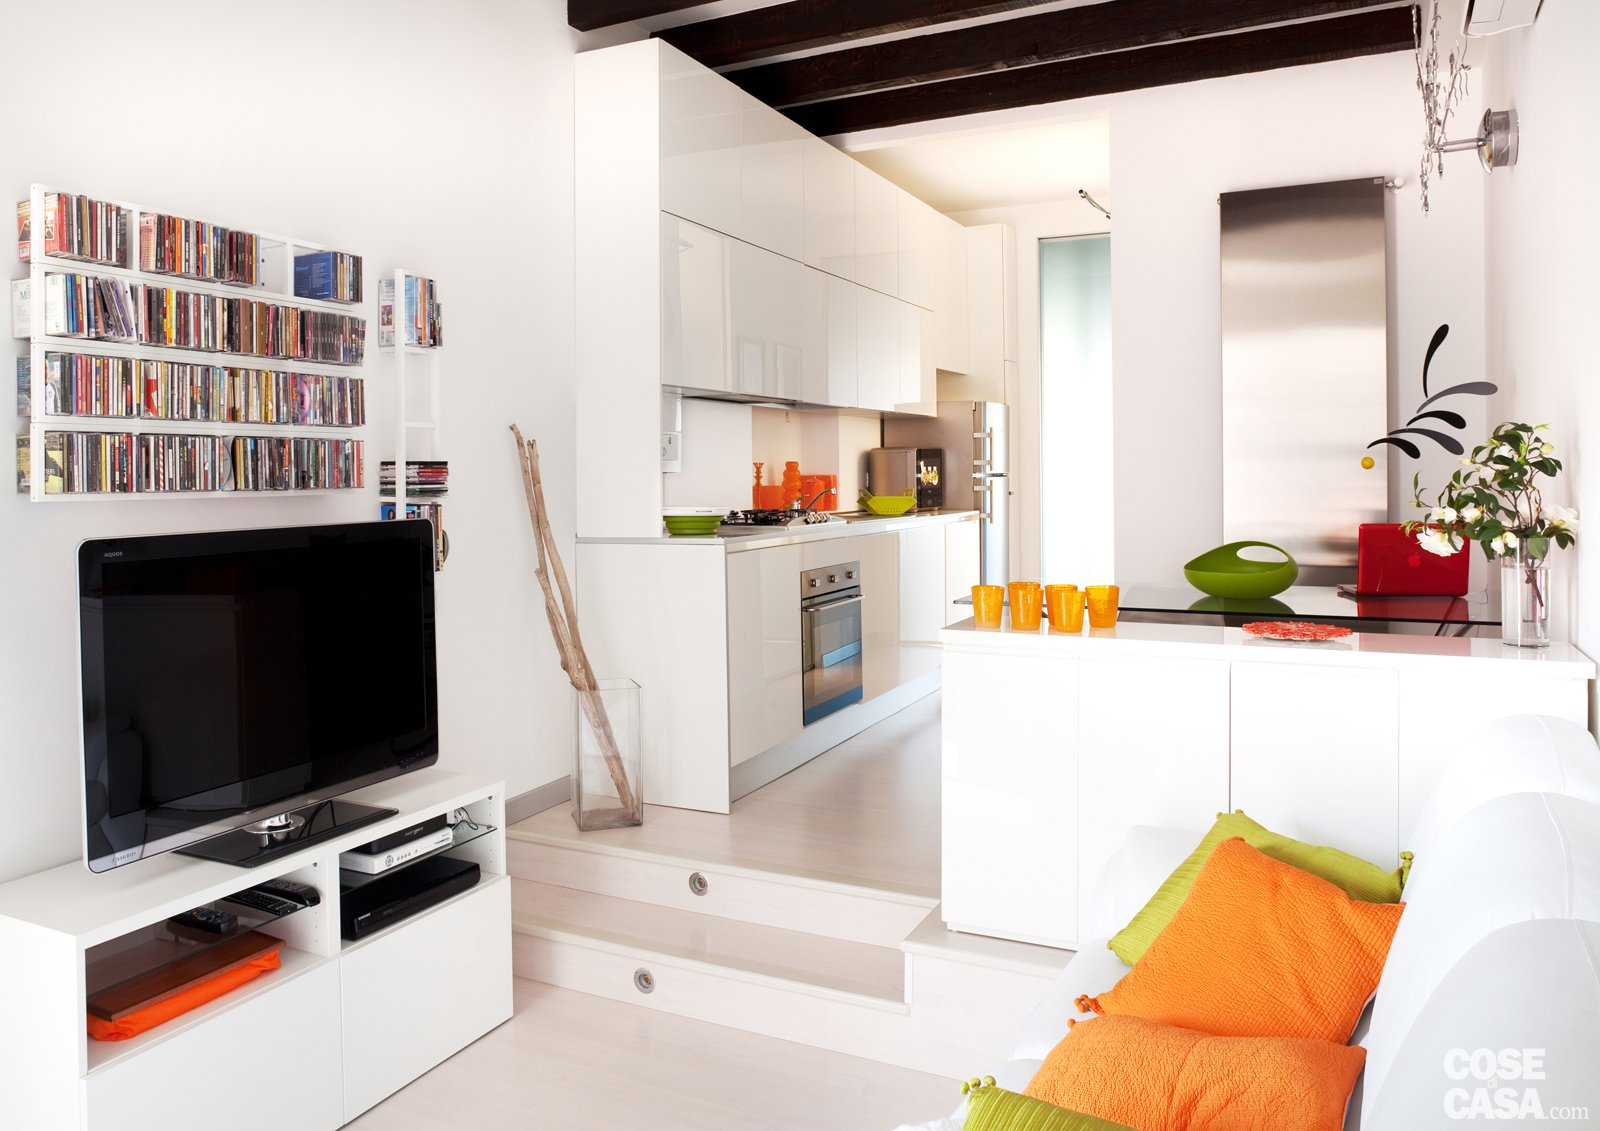 Una casa di 35 mq sfruttati al massimo cose di casa for Piani casa a basso reddito